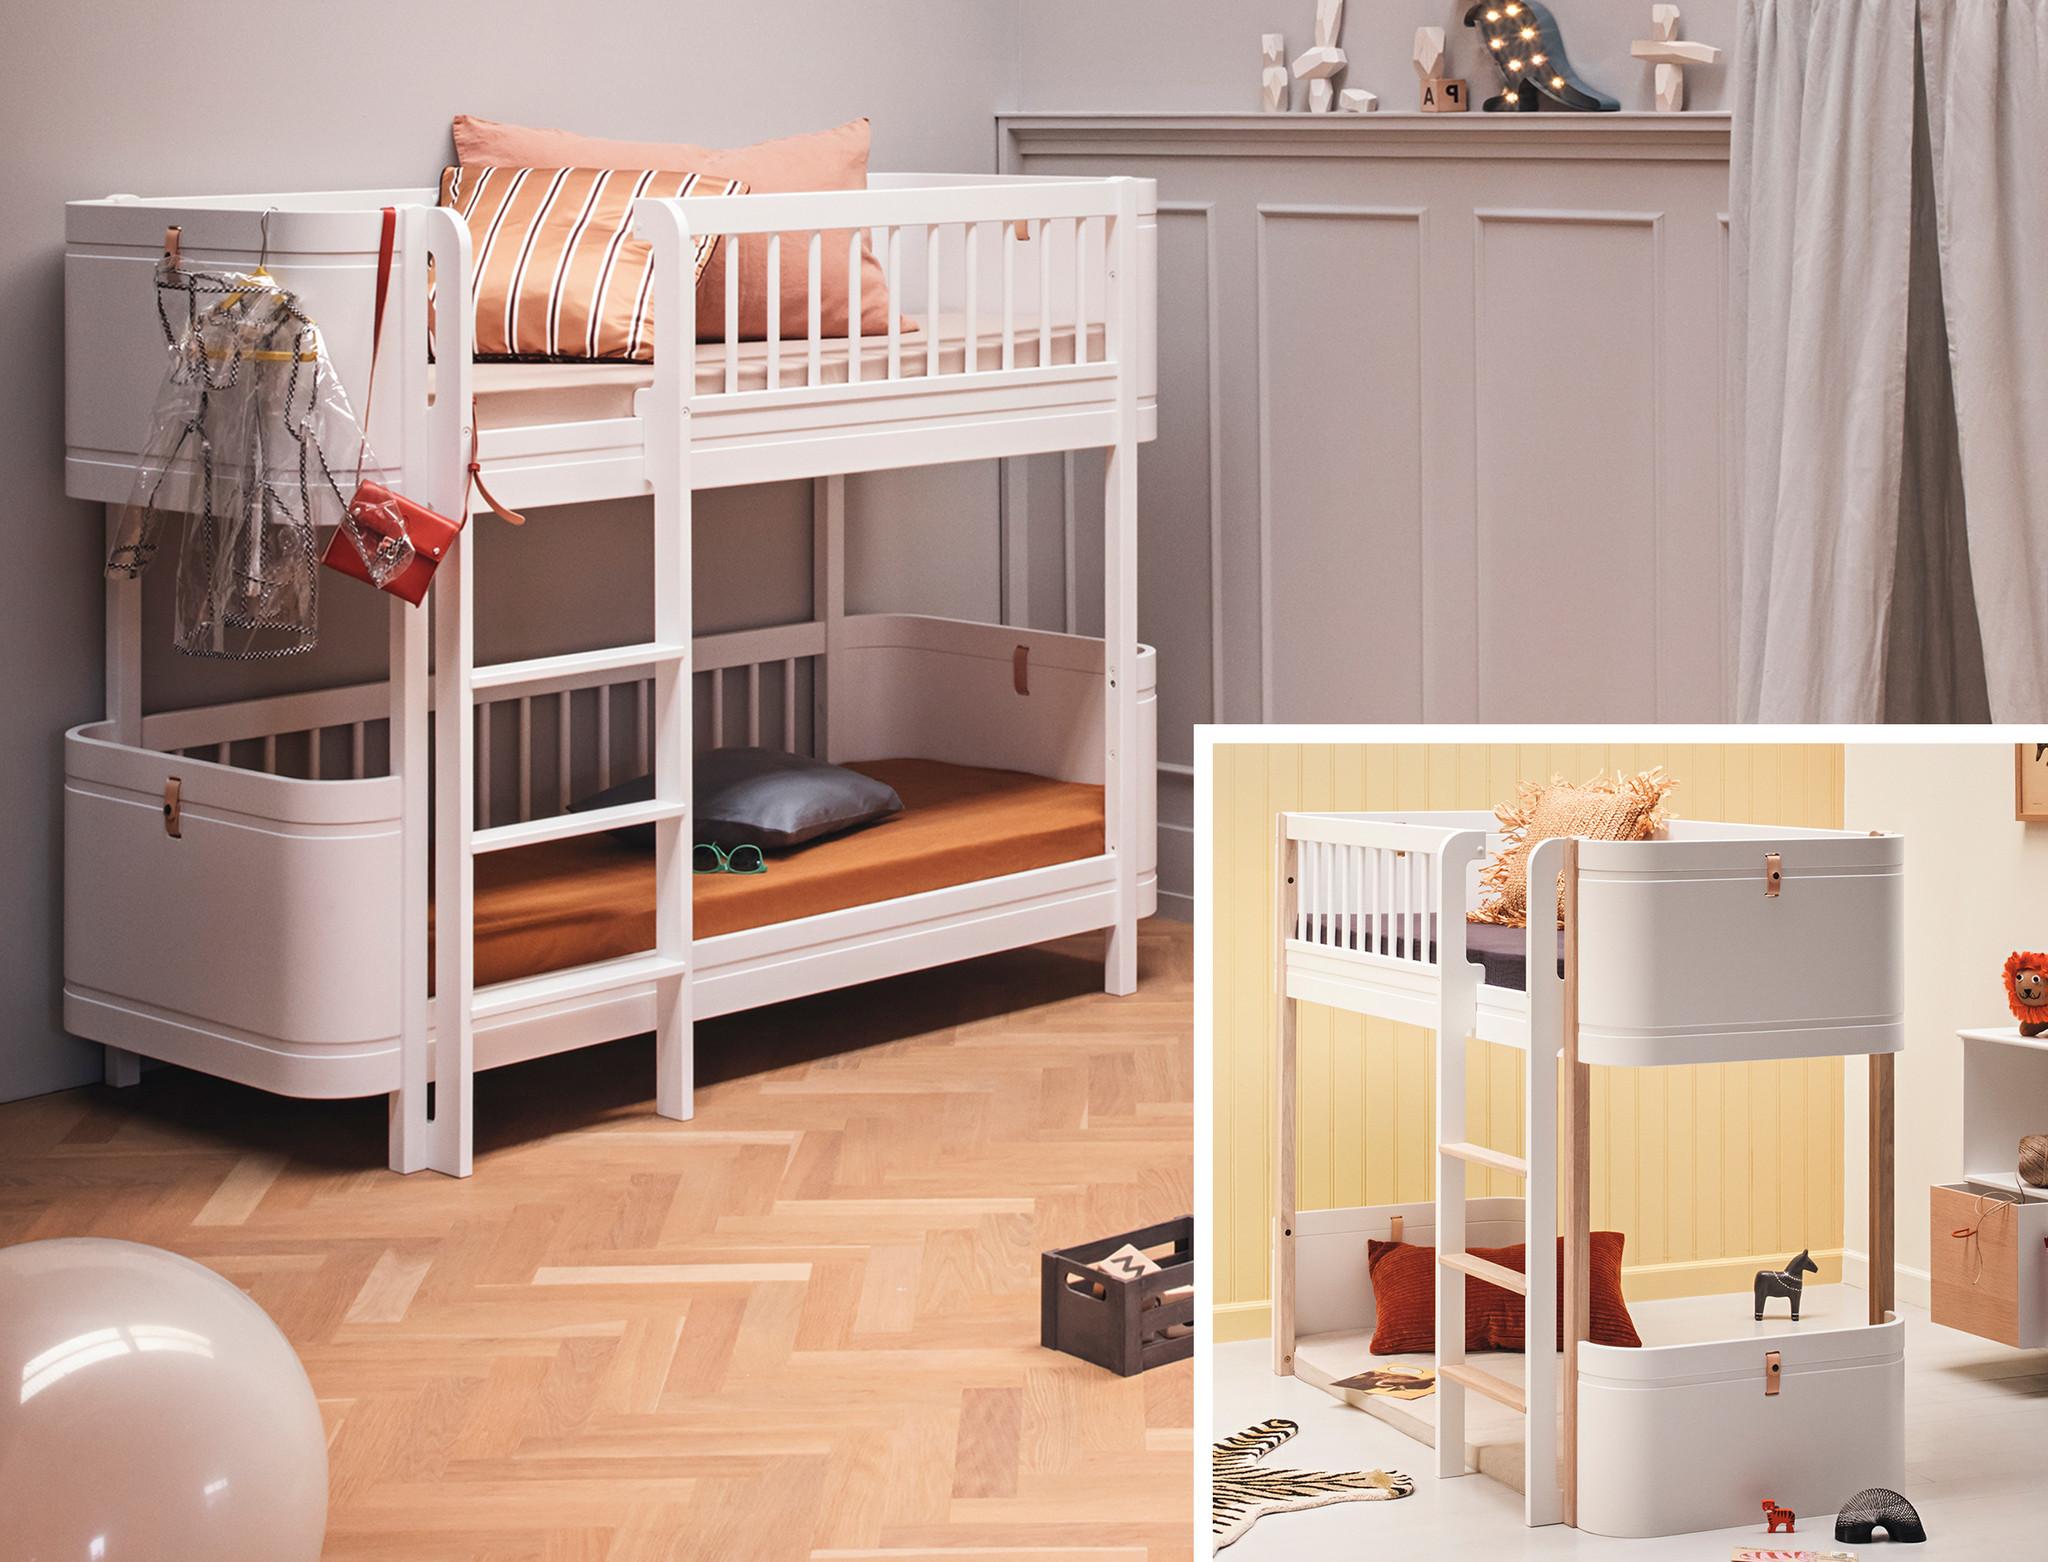 Full Size of Halbhohes Bett Wohnzimmer Halbhohes Hochbett